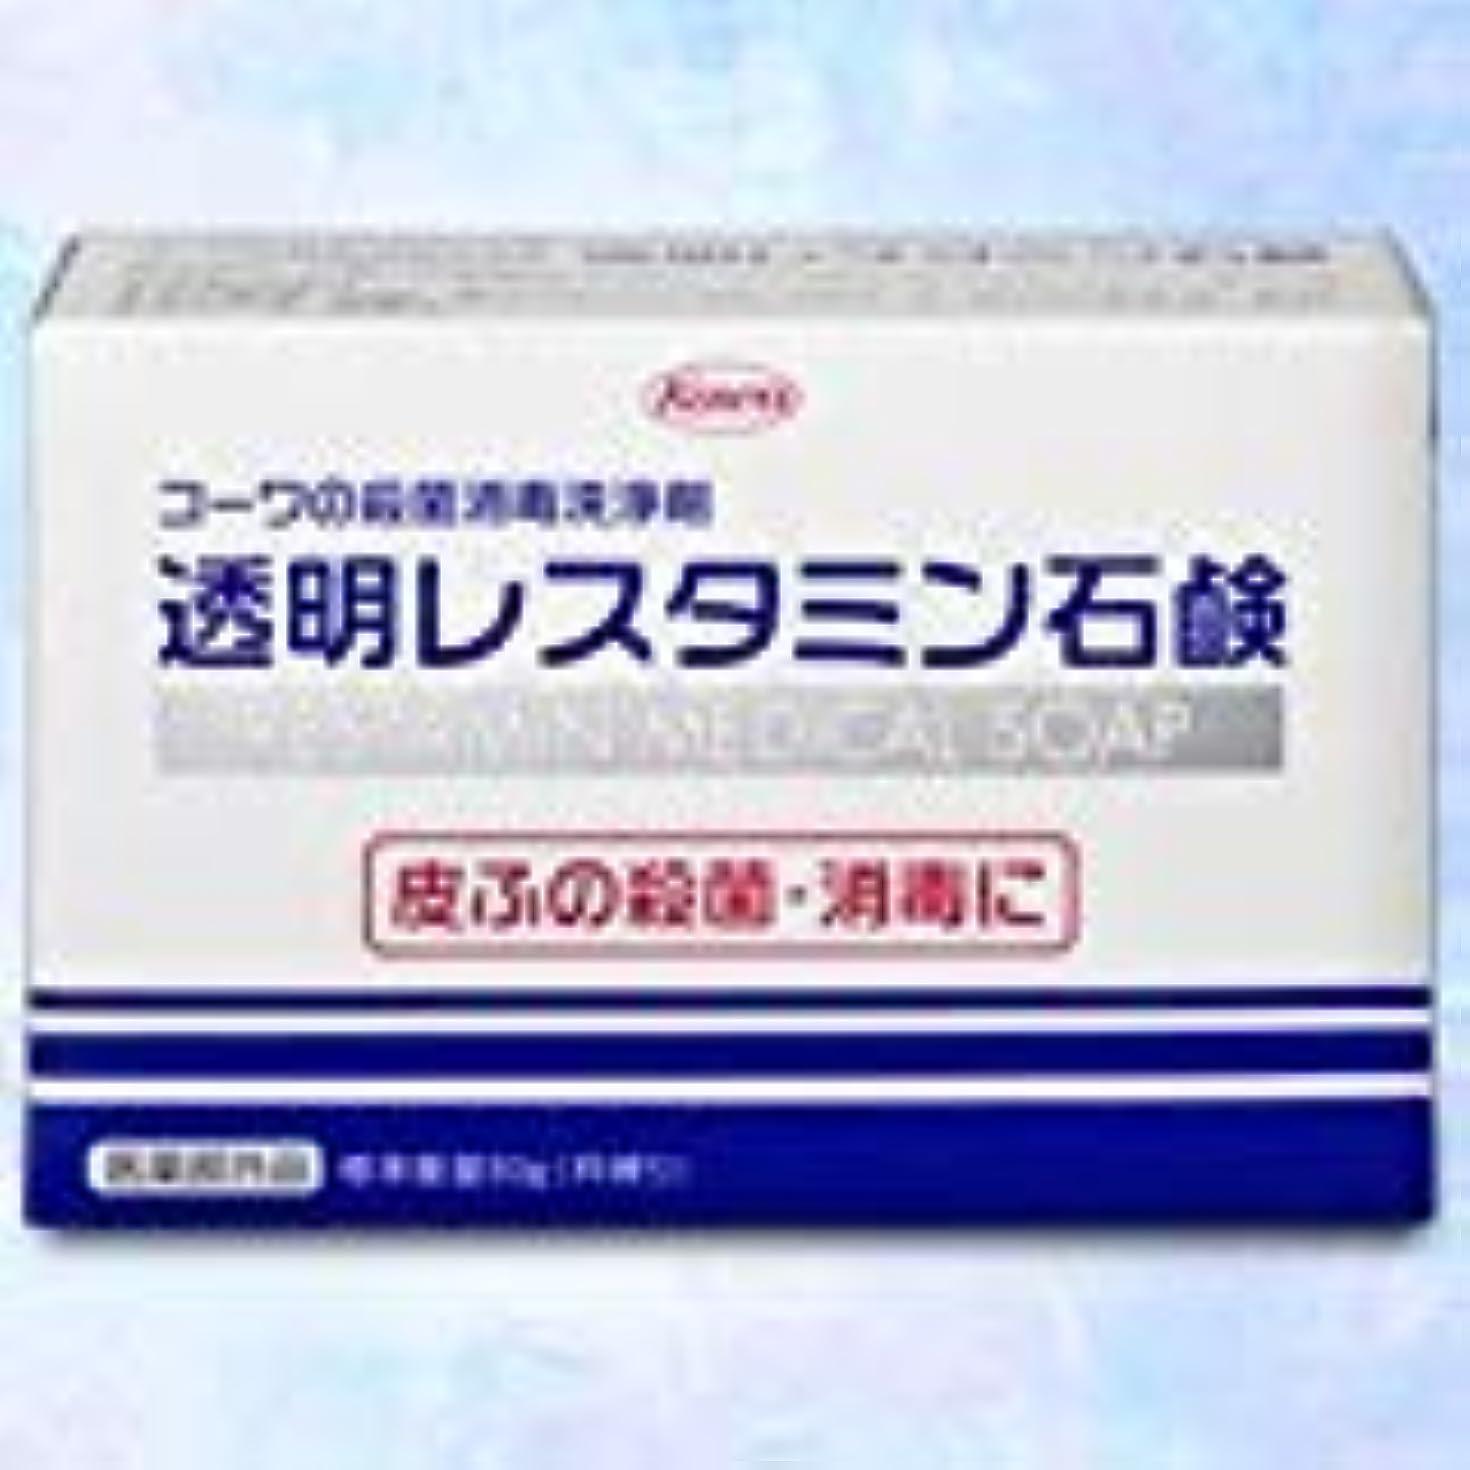 拮抗不適切な反逆【興和】コーワの殺菌消毒洗浄剤「透明レスタミン石鹸」80g(医薬部外品) ×3個セット